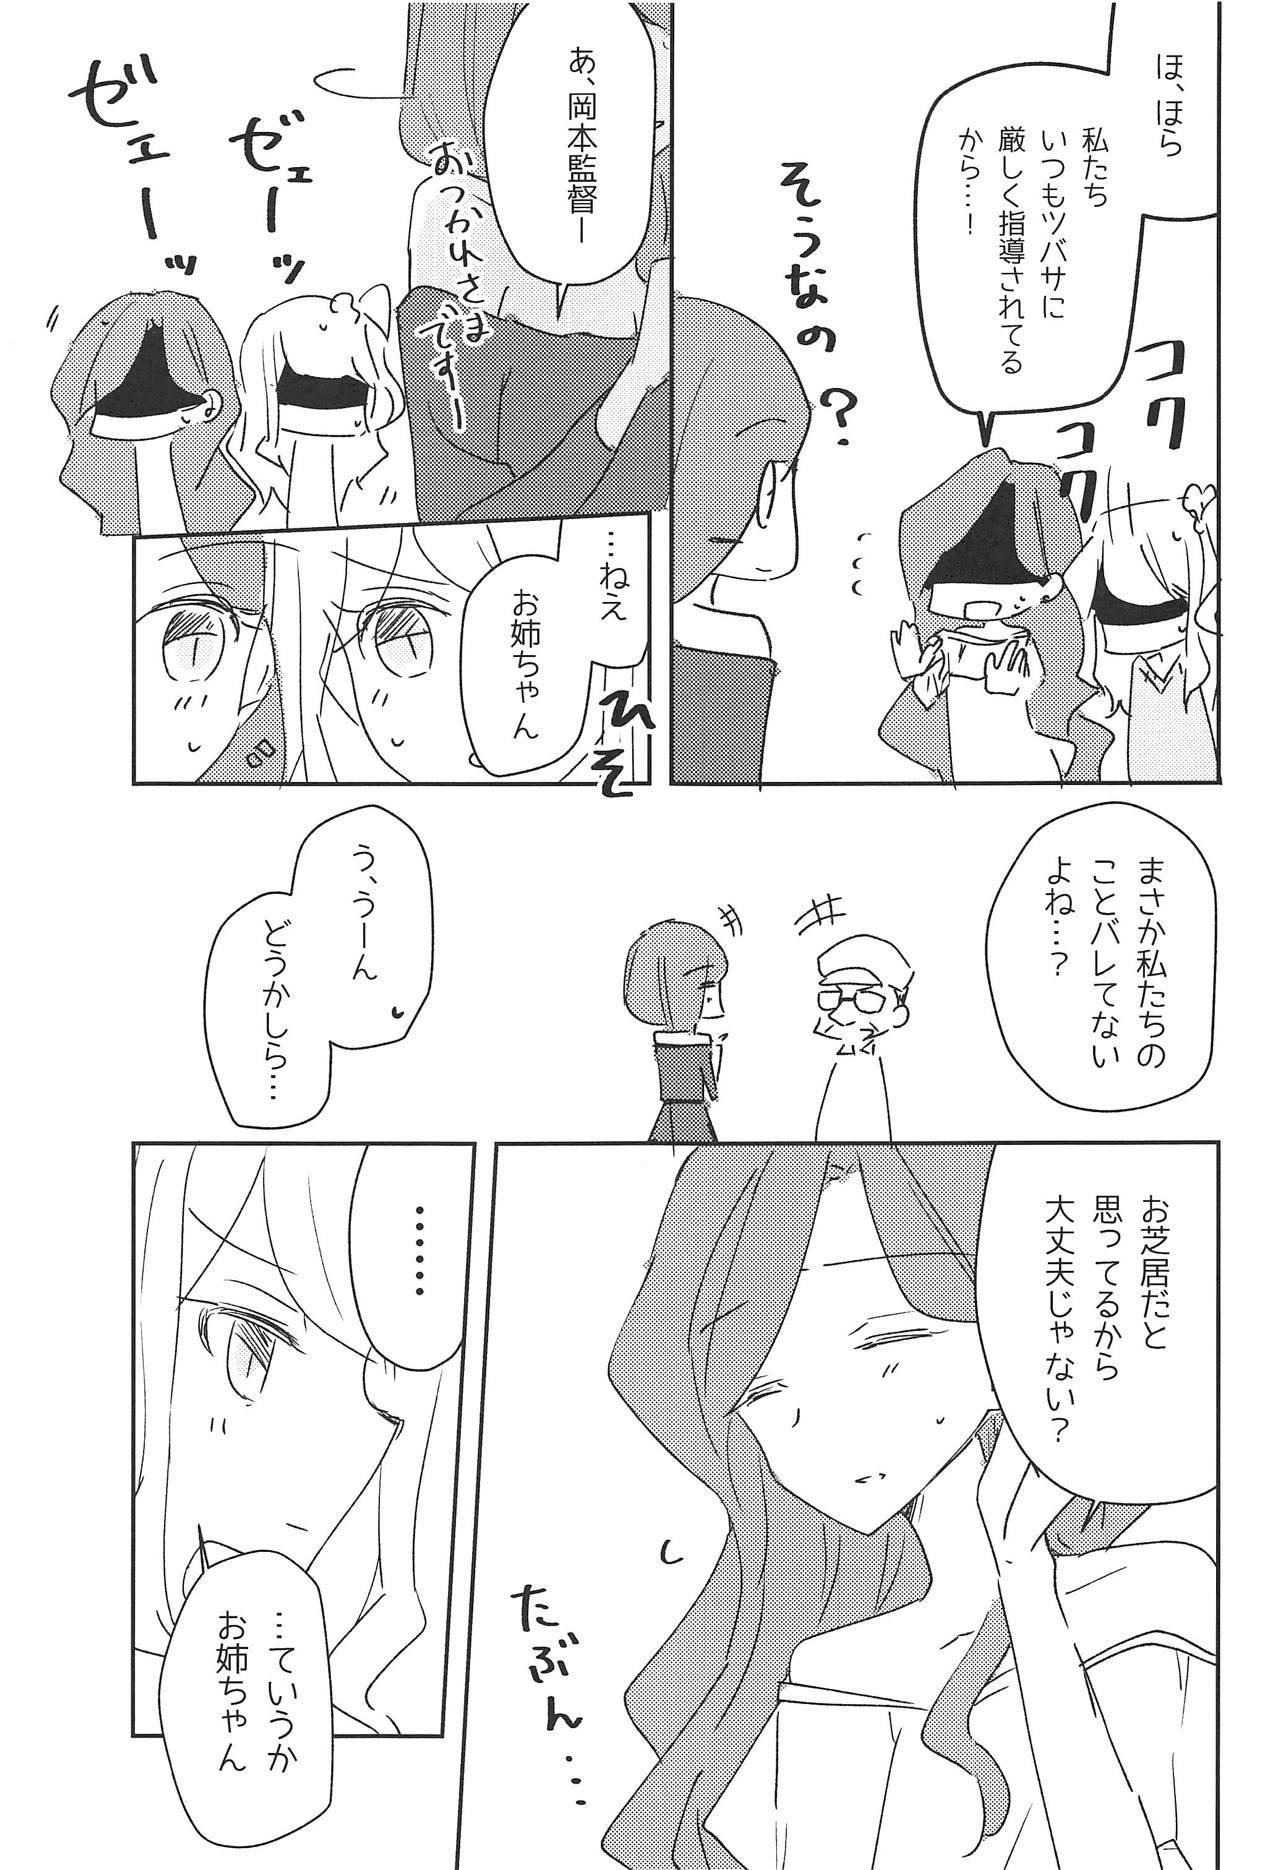 Koukotsu 26